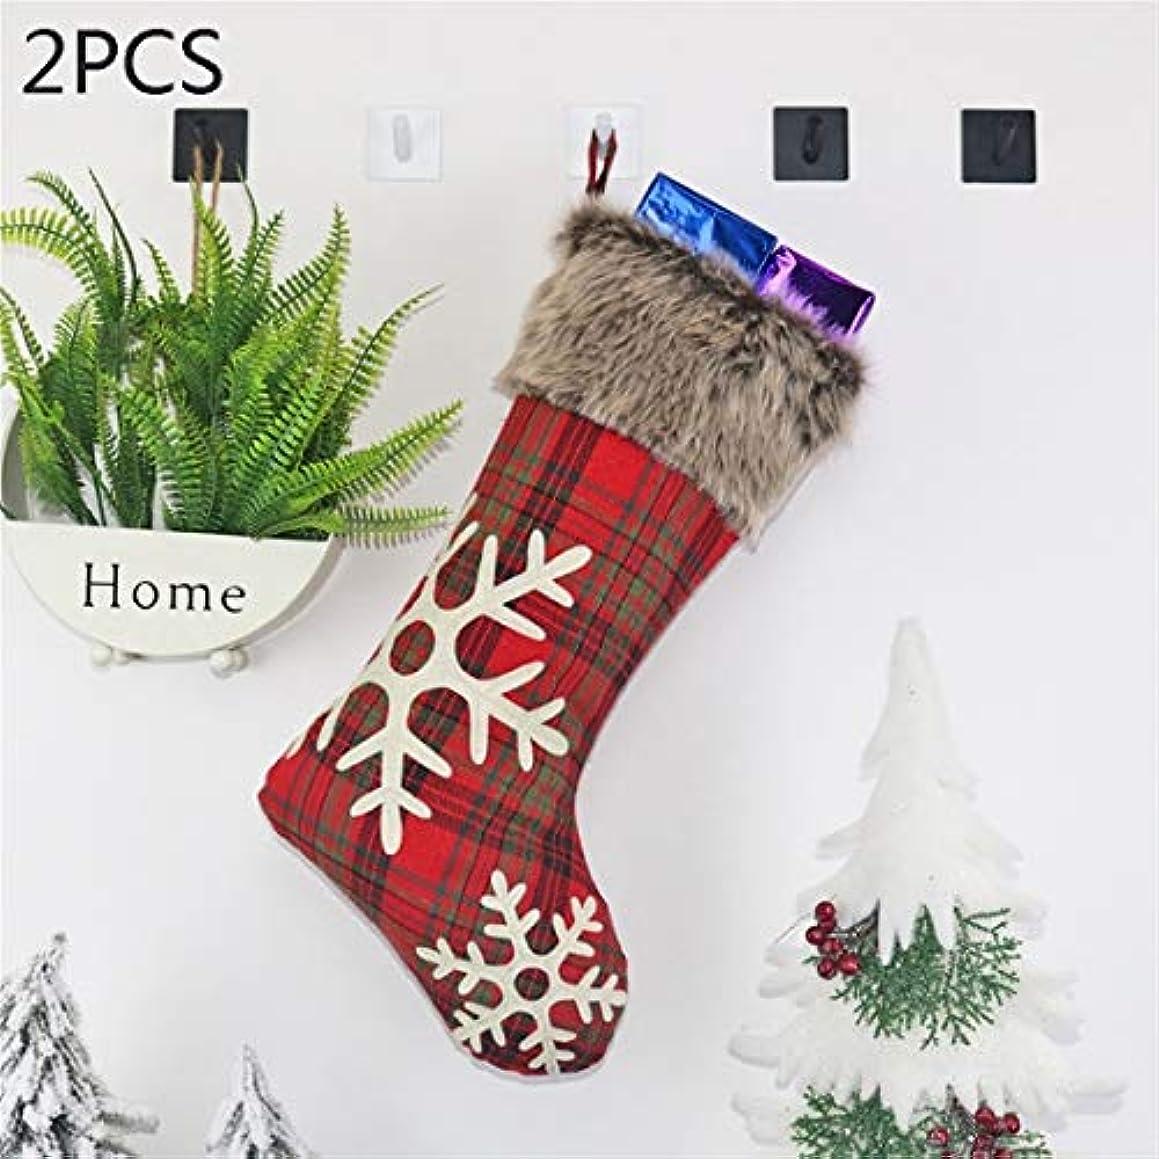 土器極小なんでもLabos 2020クリスマススノーフレークぬいぐるみソックスギフトバッグクリスマスツリーのペンダントの飾り